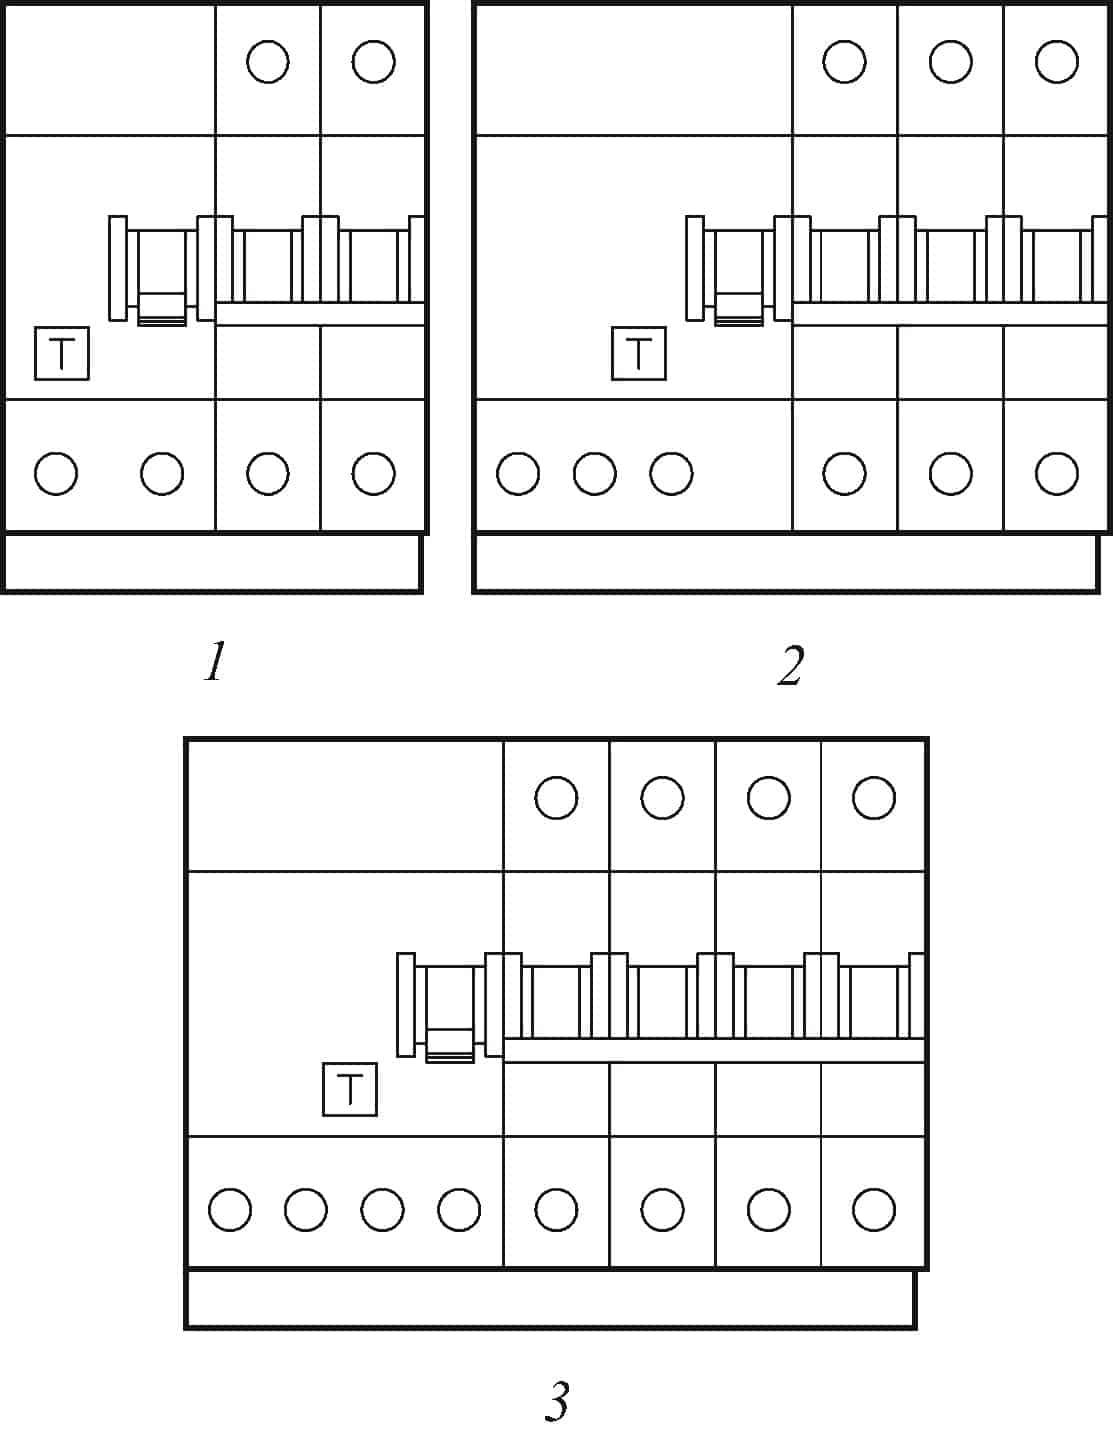 АВДТ с номинальным током до 63 А